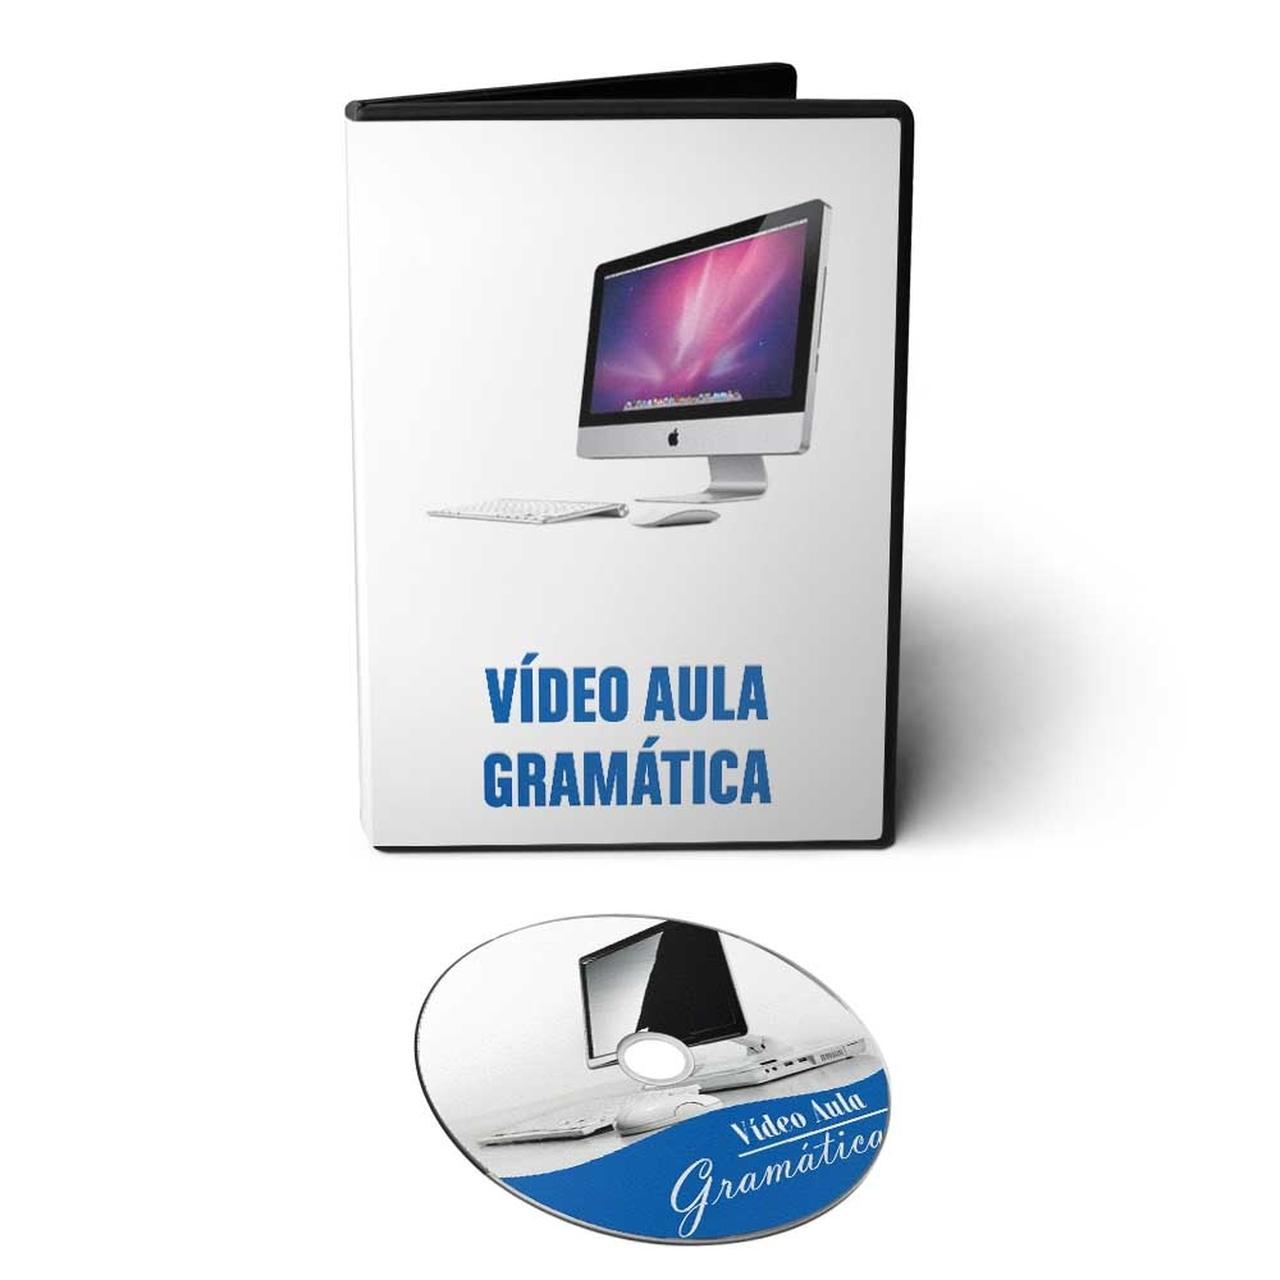 Curso de Gramática em DVD Videoaula + CD com 18h de Áudio Curso